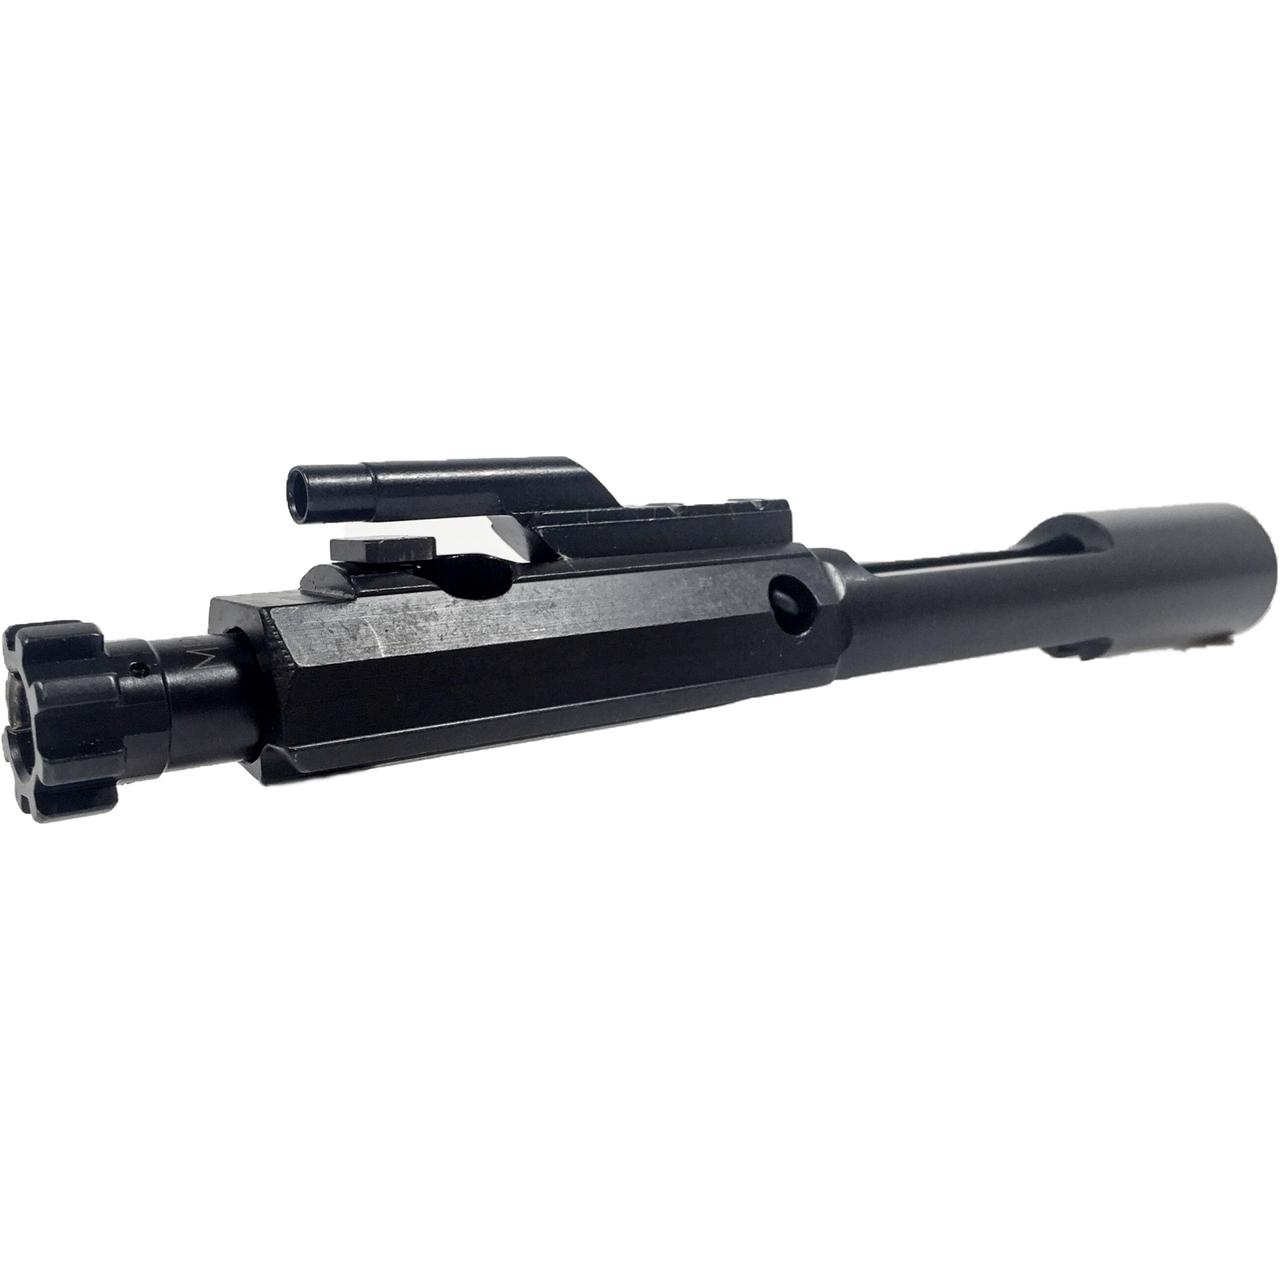 MDX Arms 2.23/5.56/300BO Nitride M16 Full Mass Bolt Carrier Group